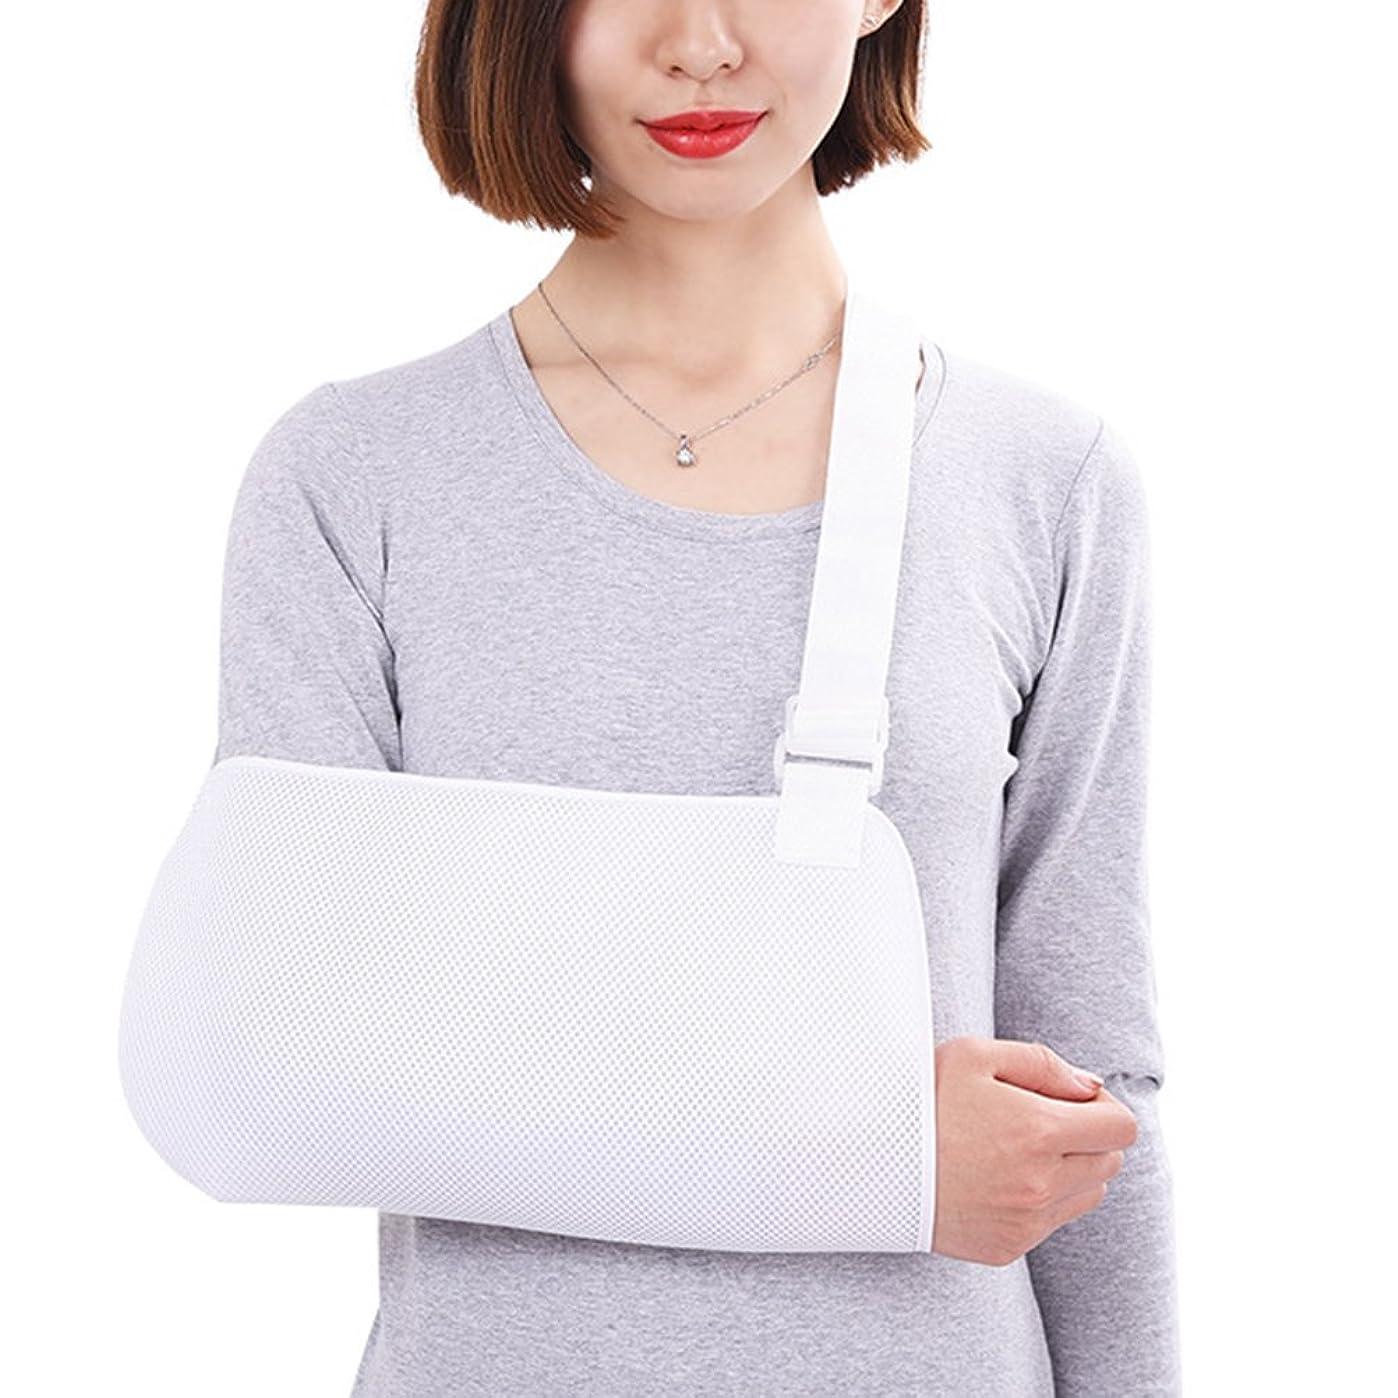 争う頭蓋骨滞在ROSENICE アームスリング通気性メッシュ脱臼スリングショルダーイモビライザーローテーションカフブレスレット手首用エルボサポート男性または女性用